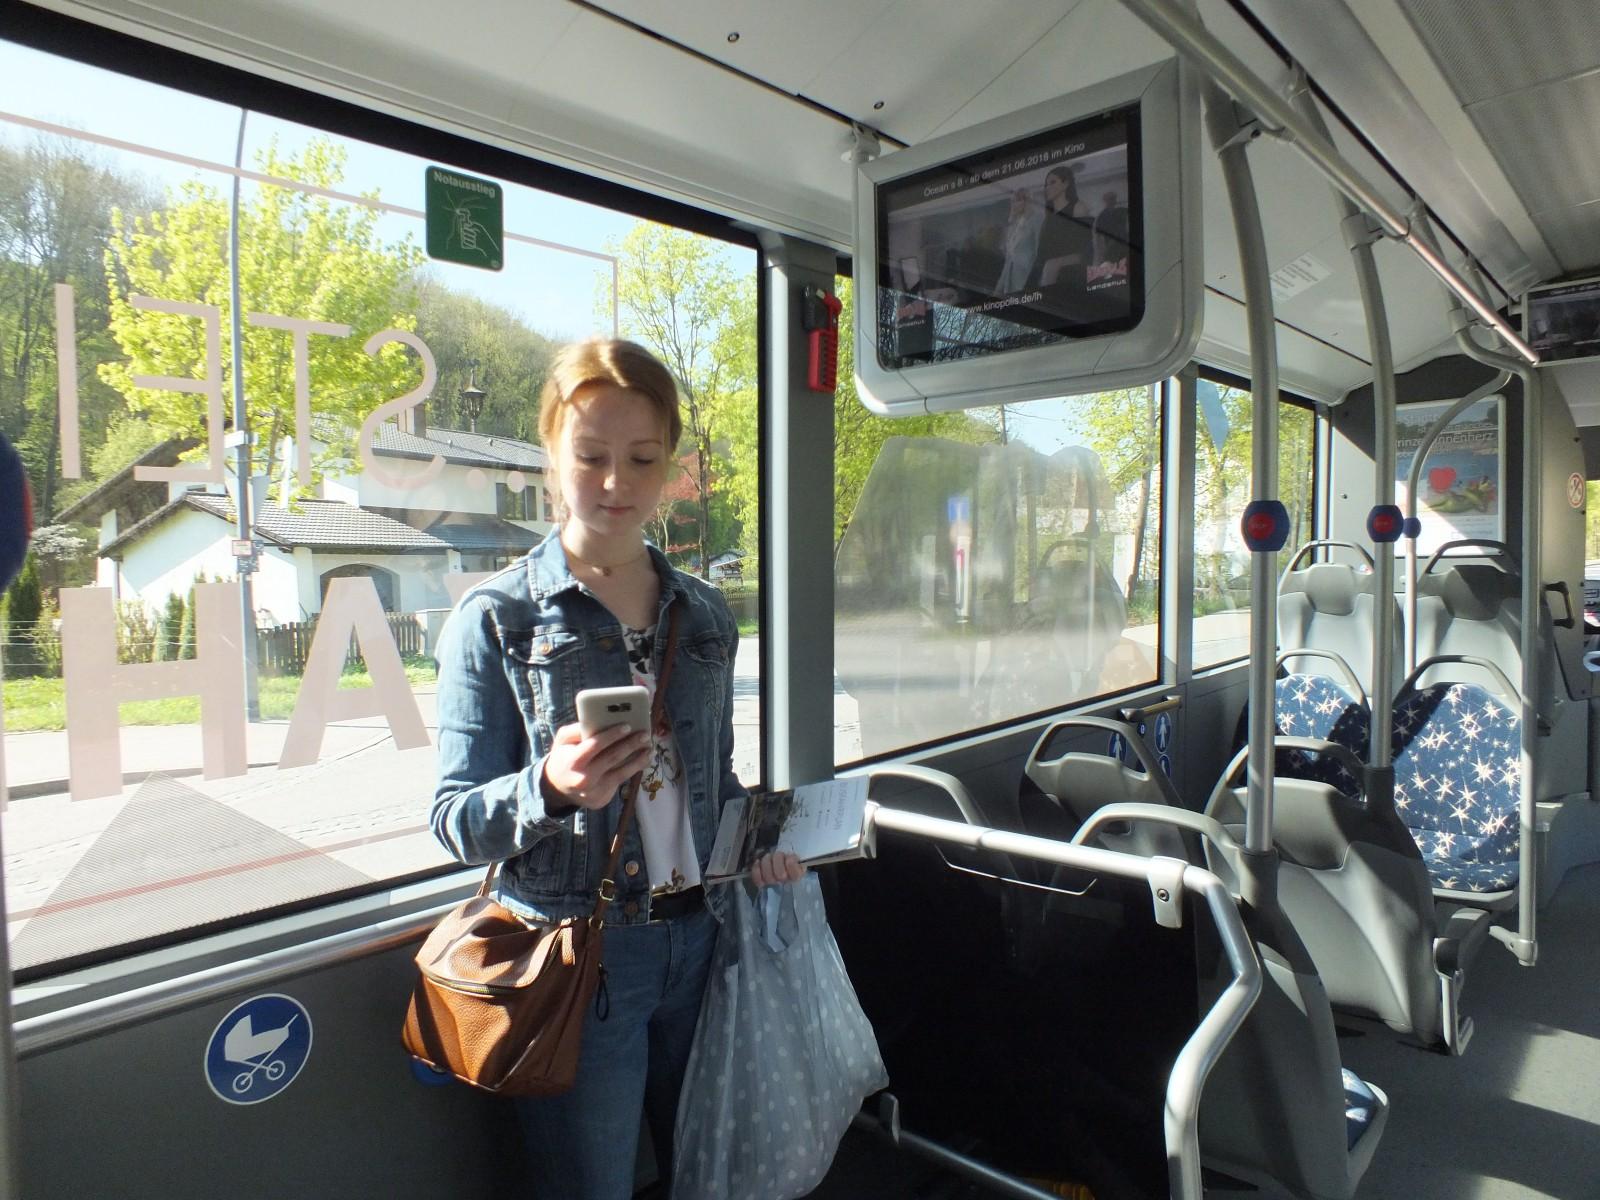 Fahrgast im Bus